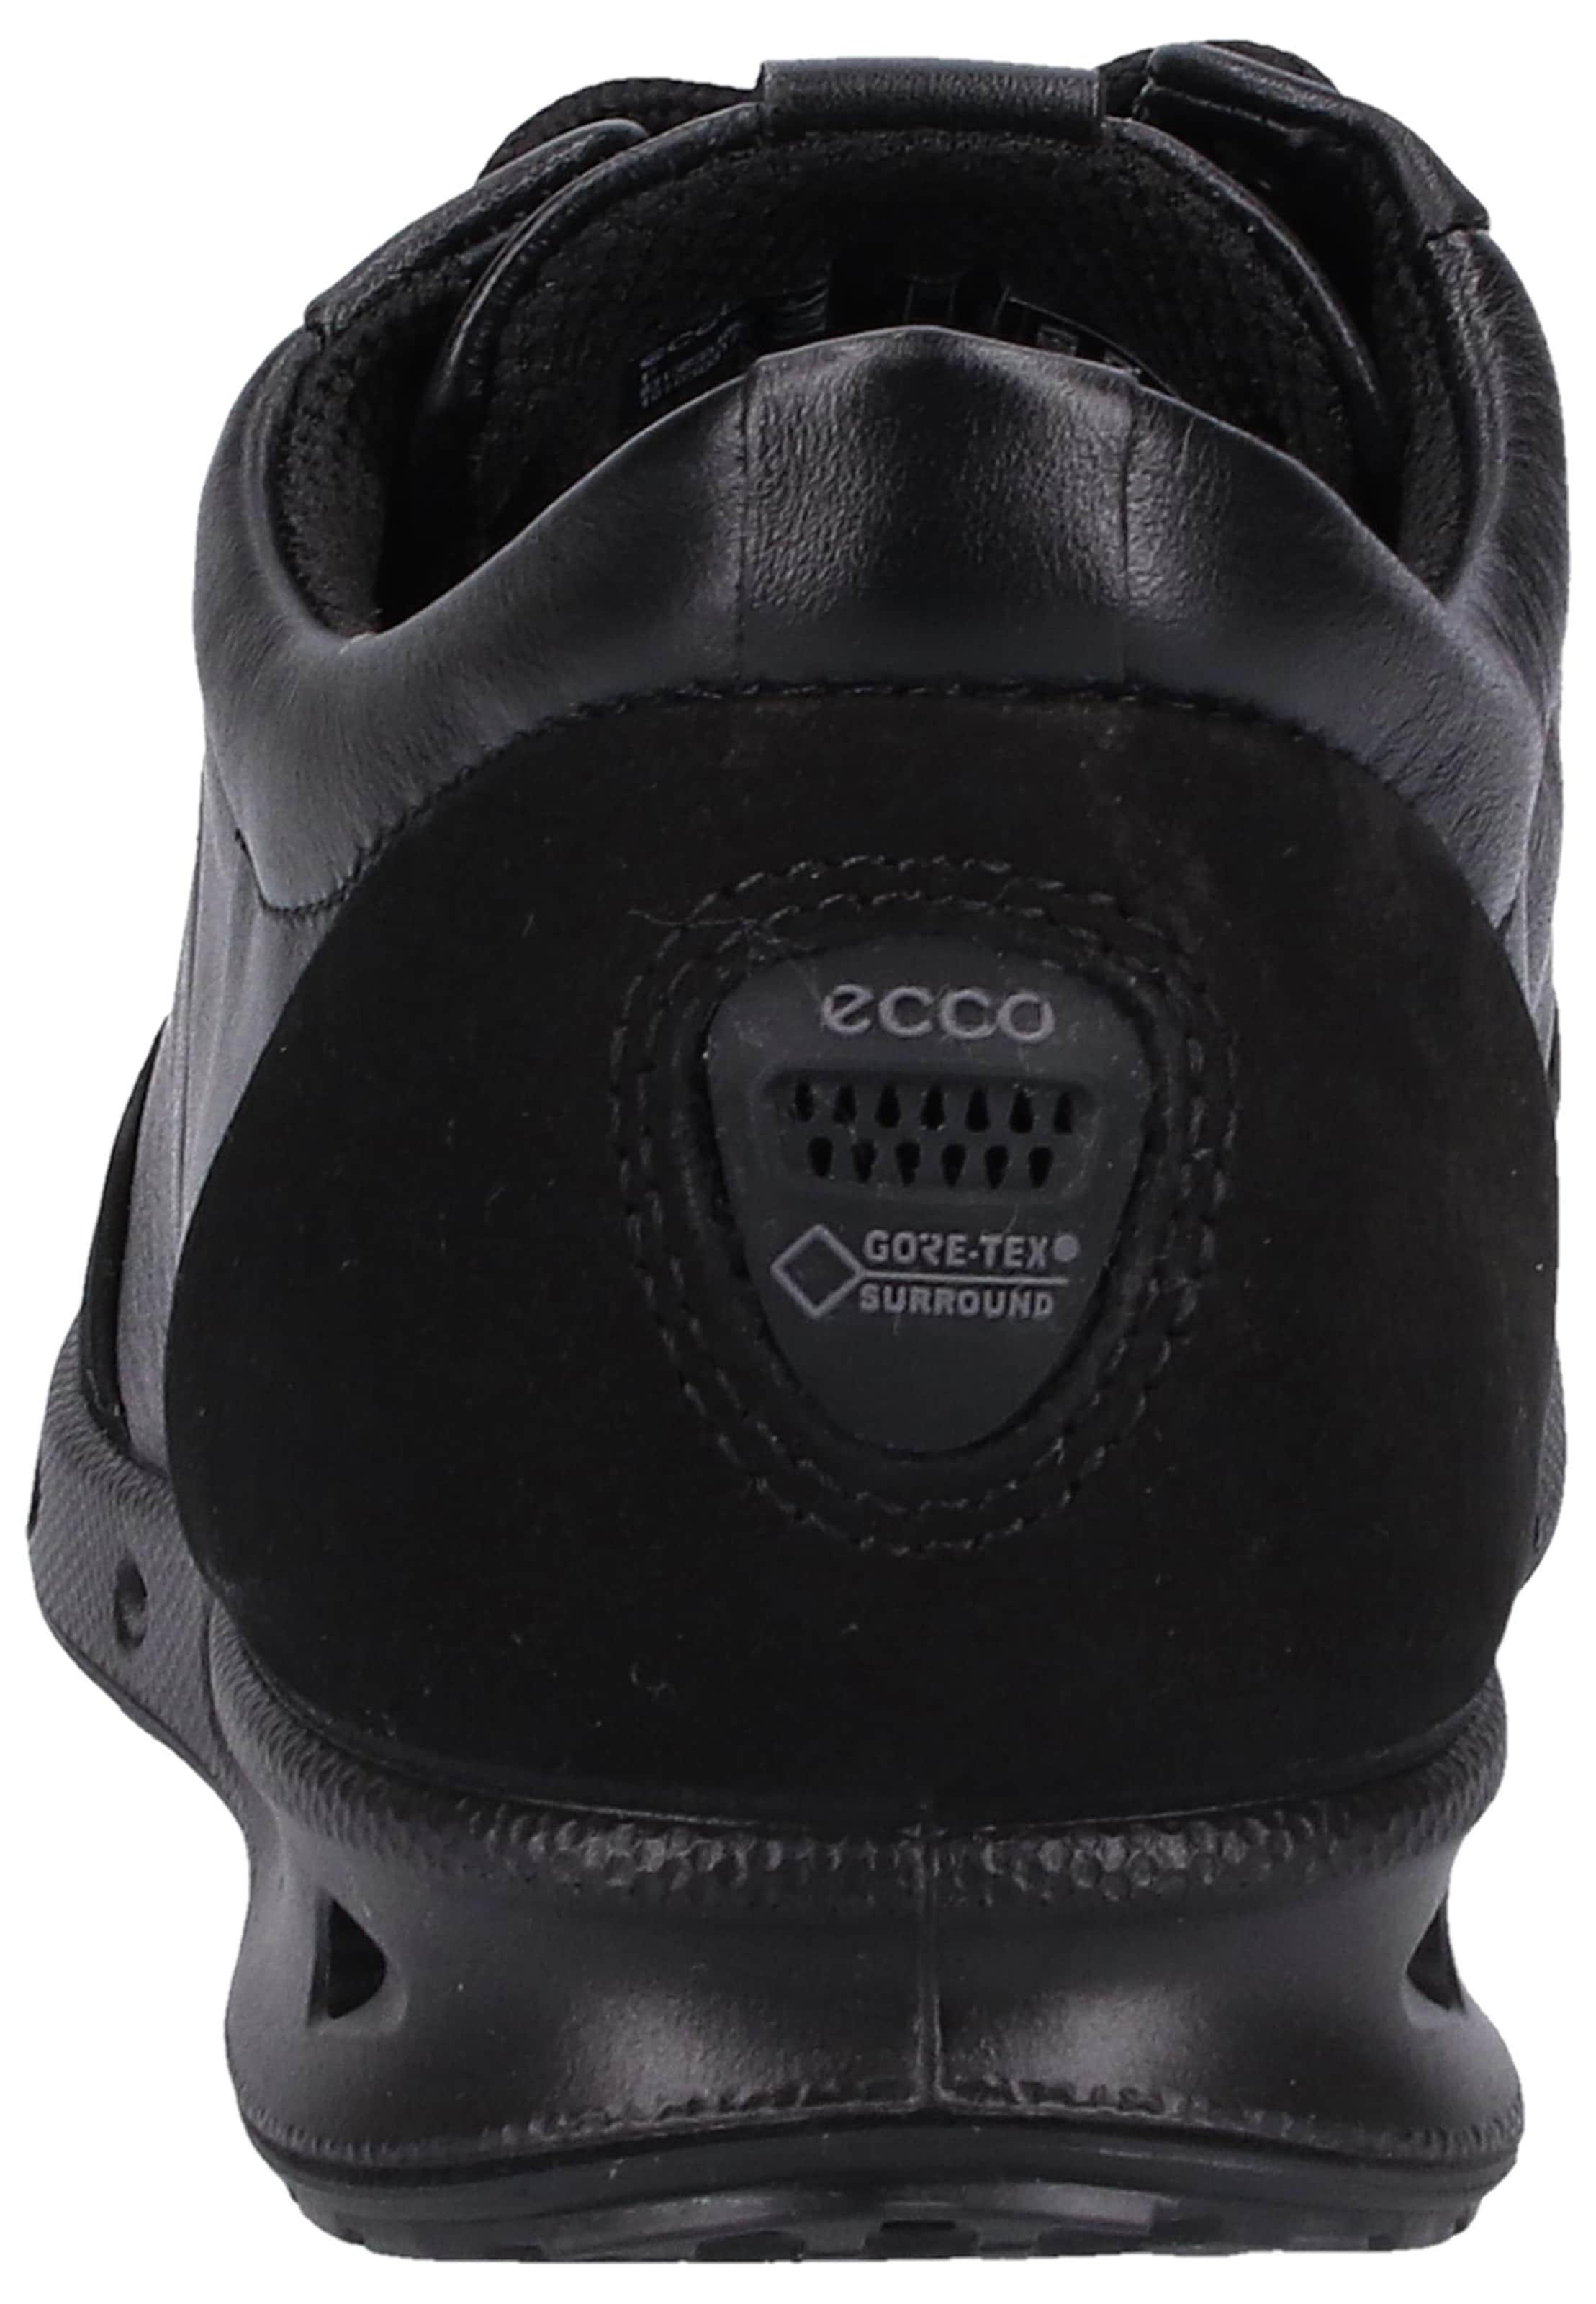 Ecco En Basses Baskets Baskets Noir Ecco NnymOv80w